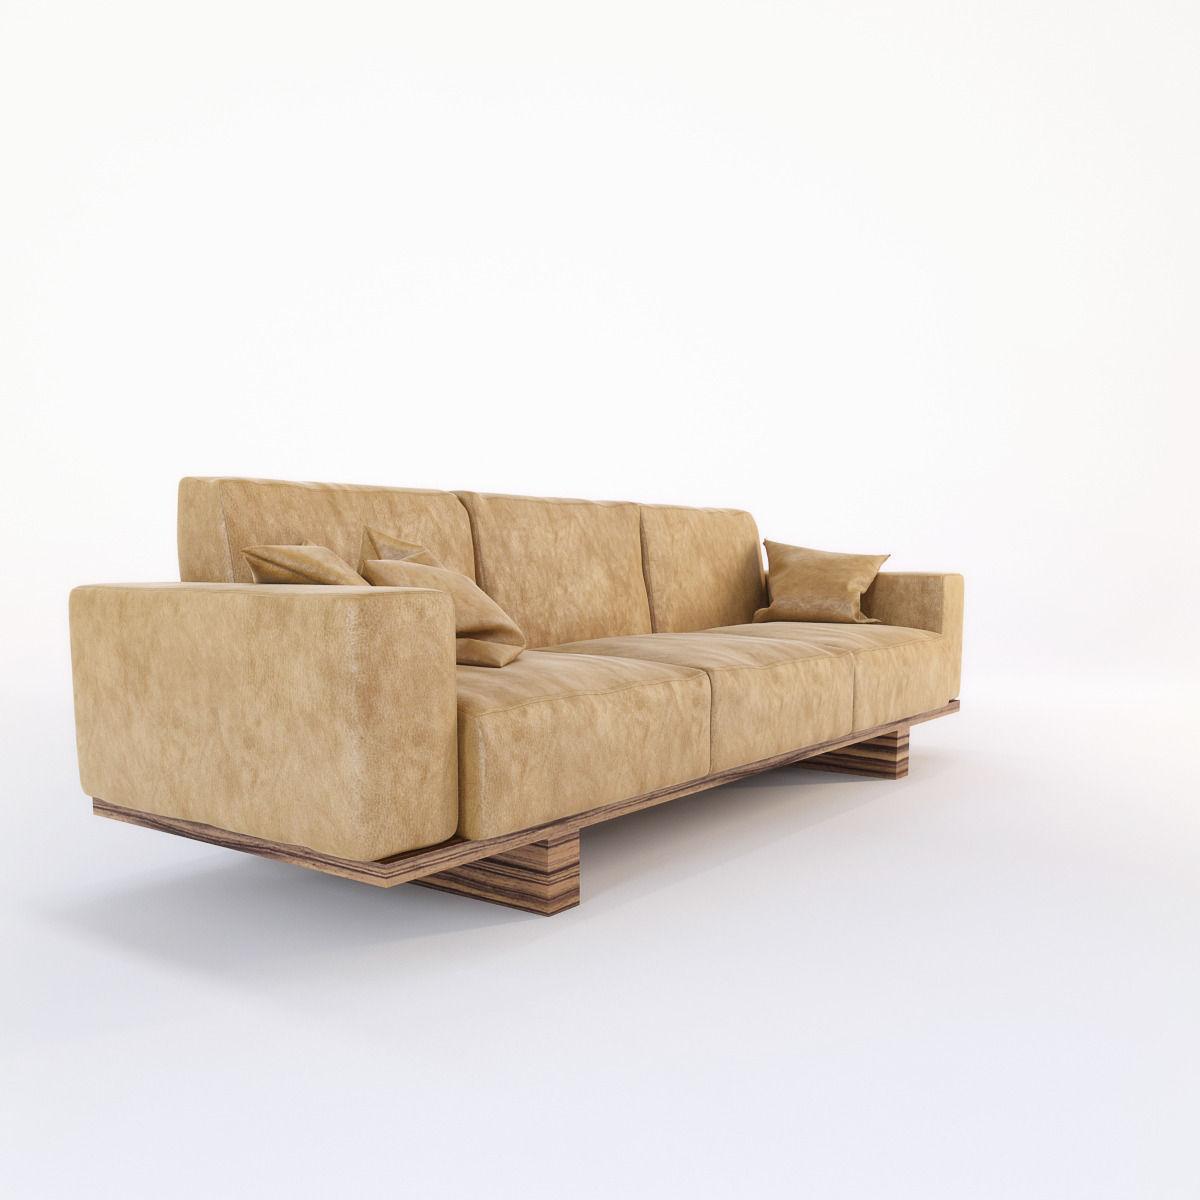 Faye Corner Sofa Harvey Norman: Utah Sofa Sofas Utah Home And Textiles